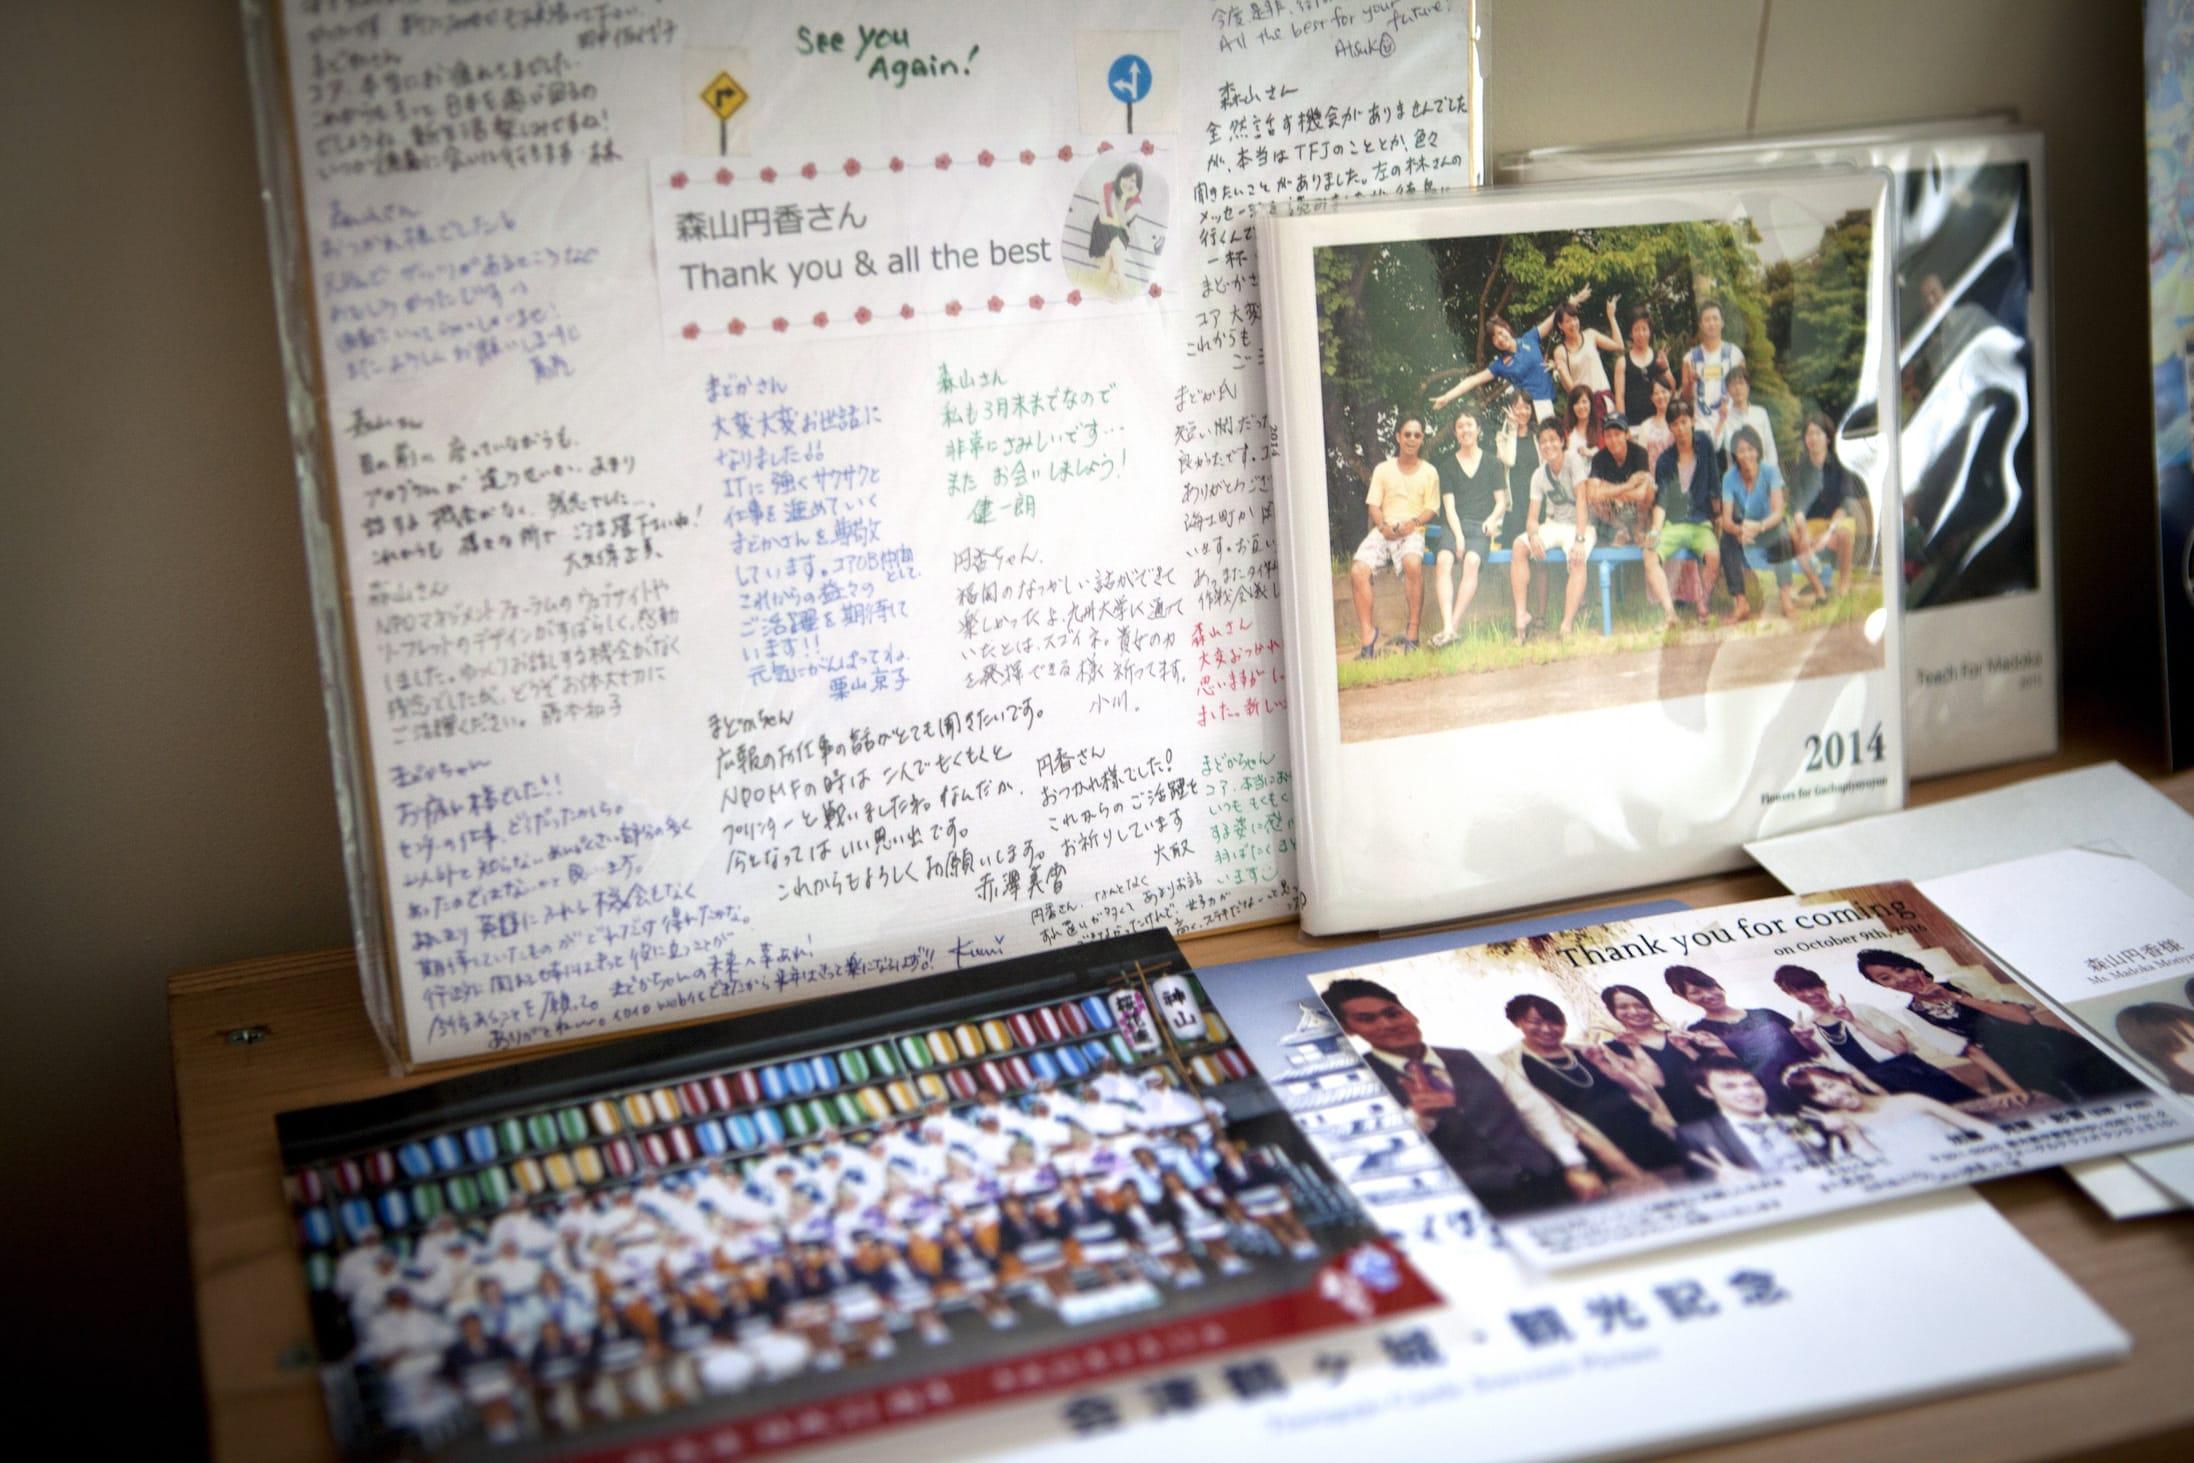 神山に来るまでに出会ってきた人たちのぬくもりを感じる、写真や色紙も飾られていました。